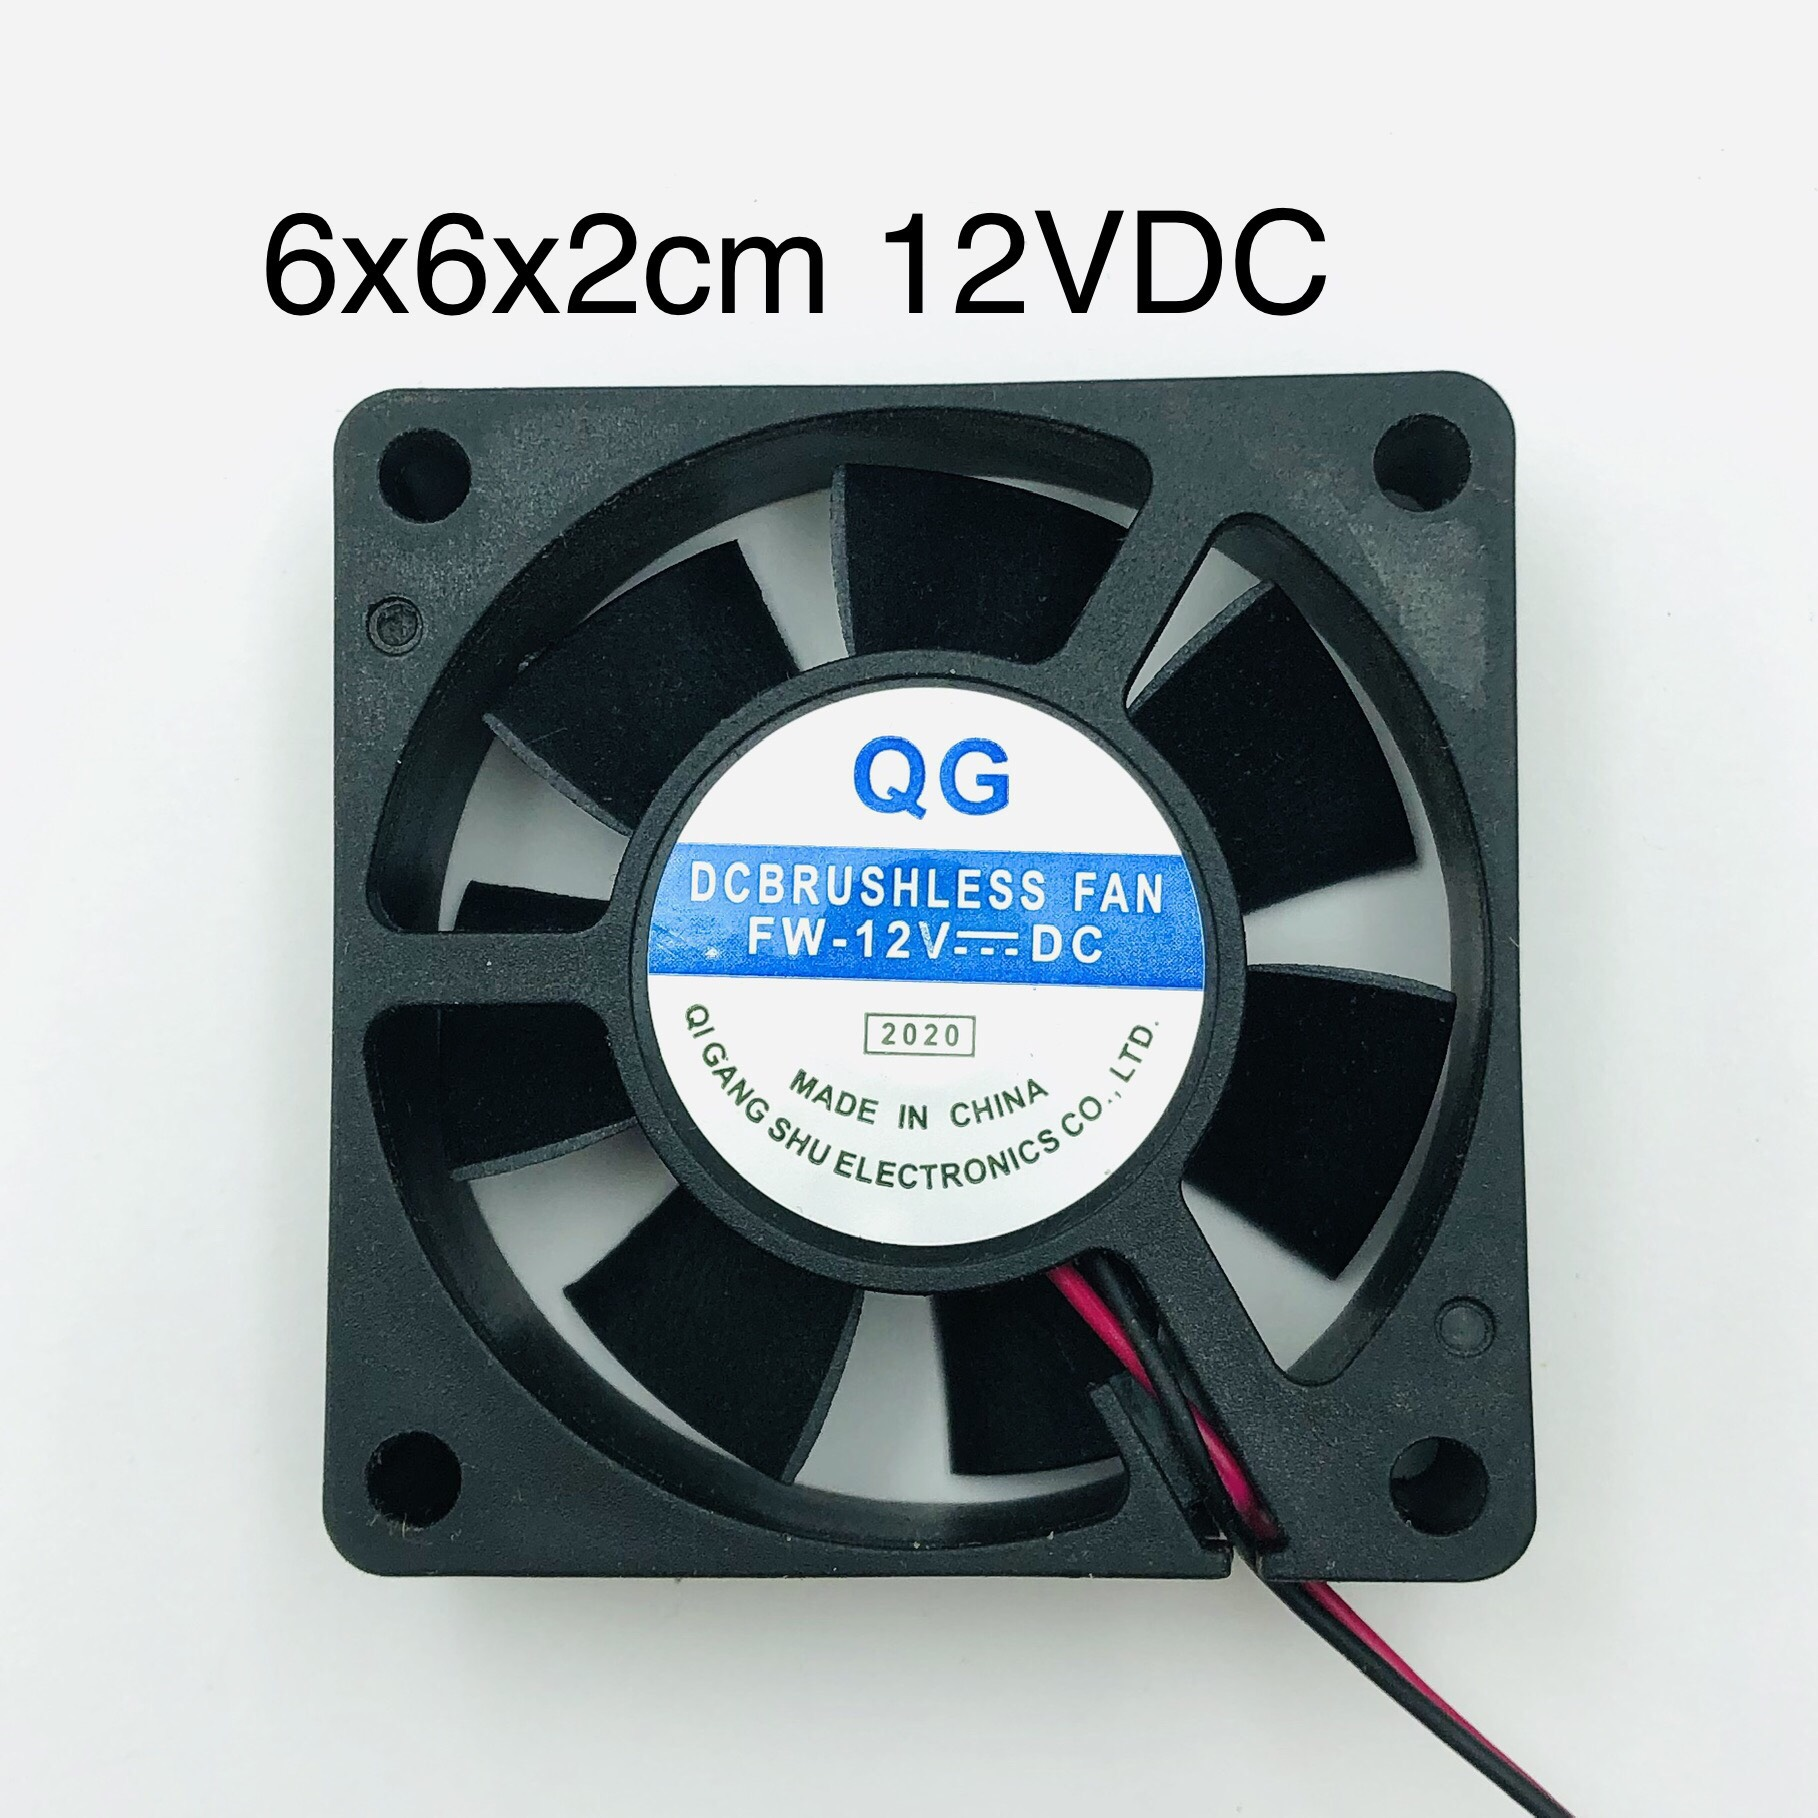 Quạt tản nhiệt 6x6x2cm 12VDC -